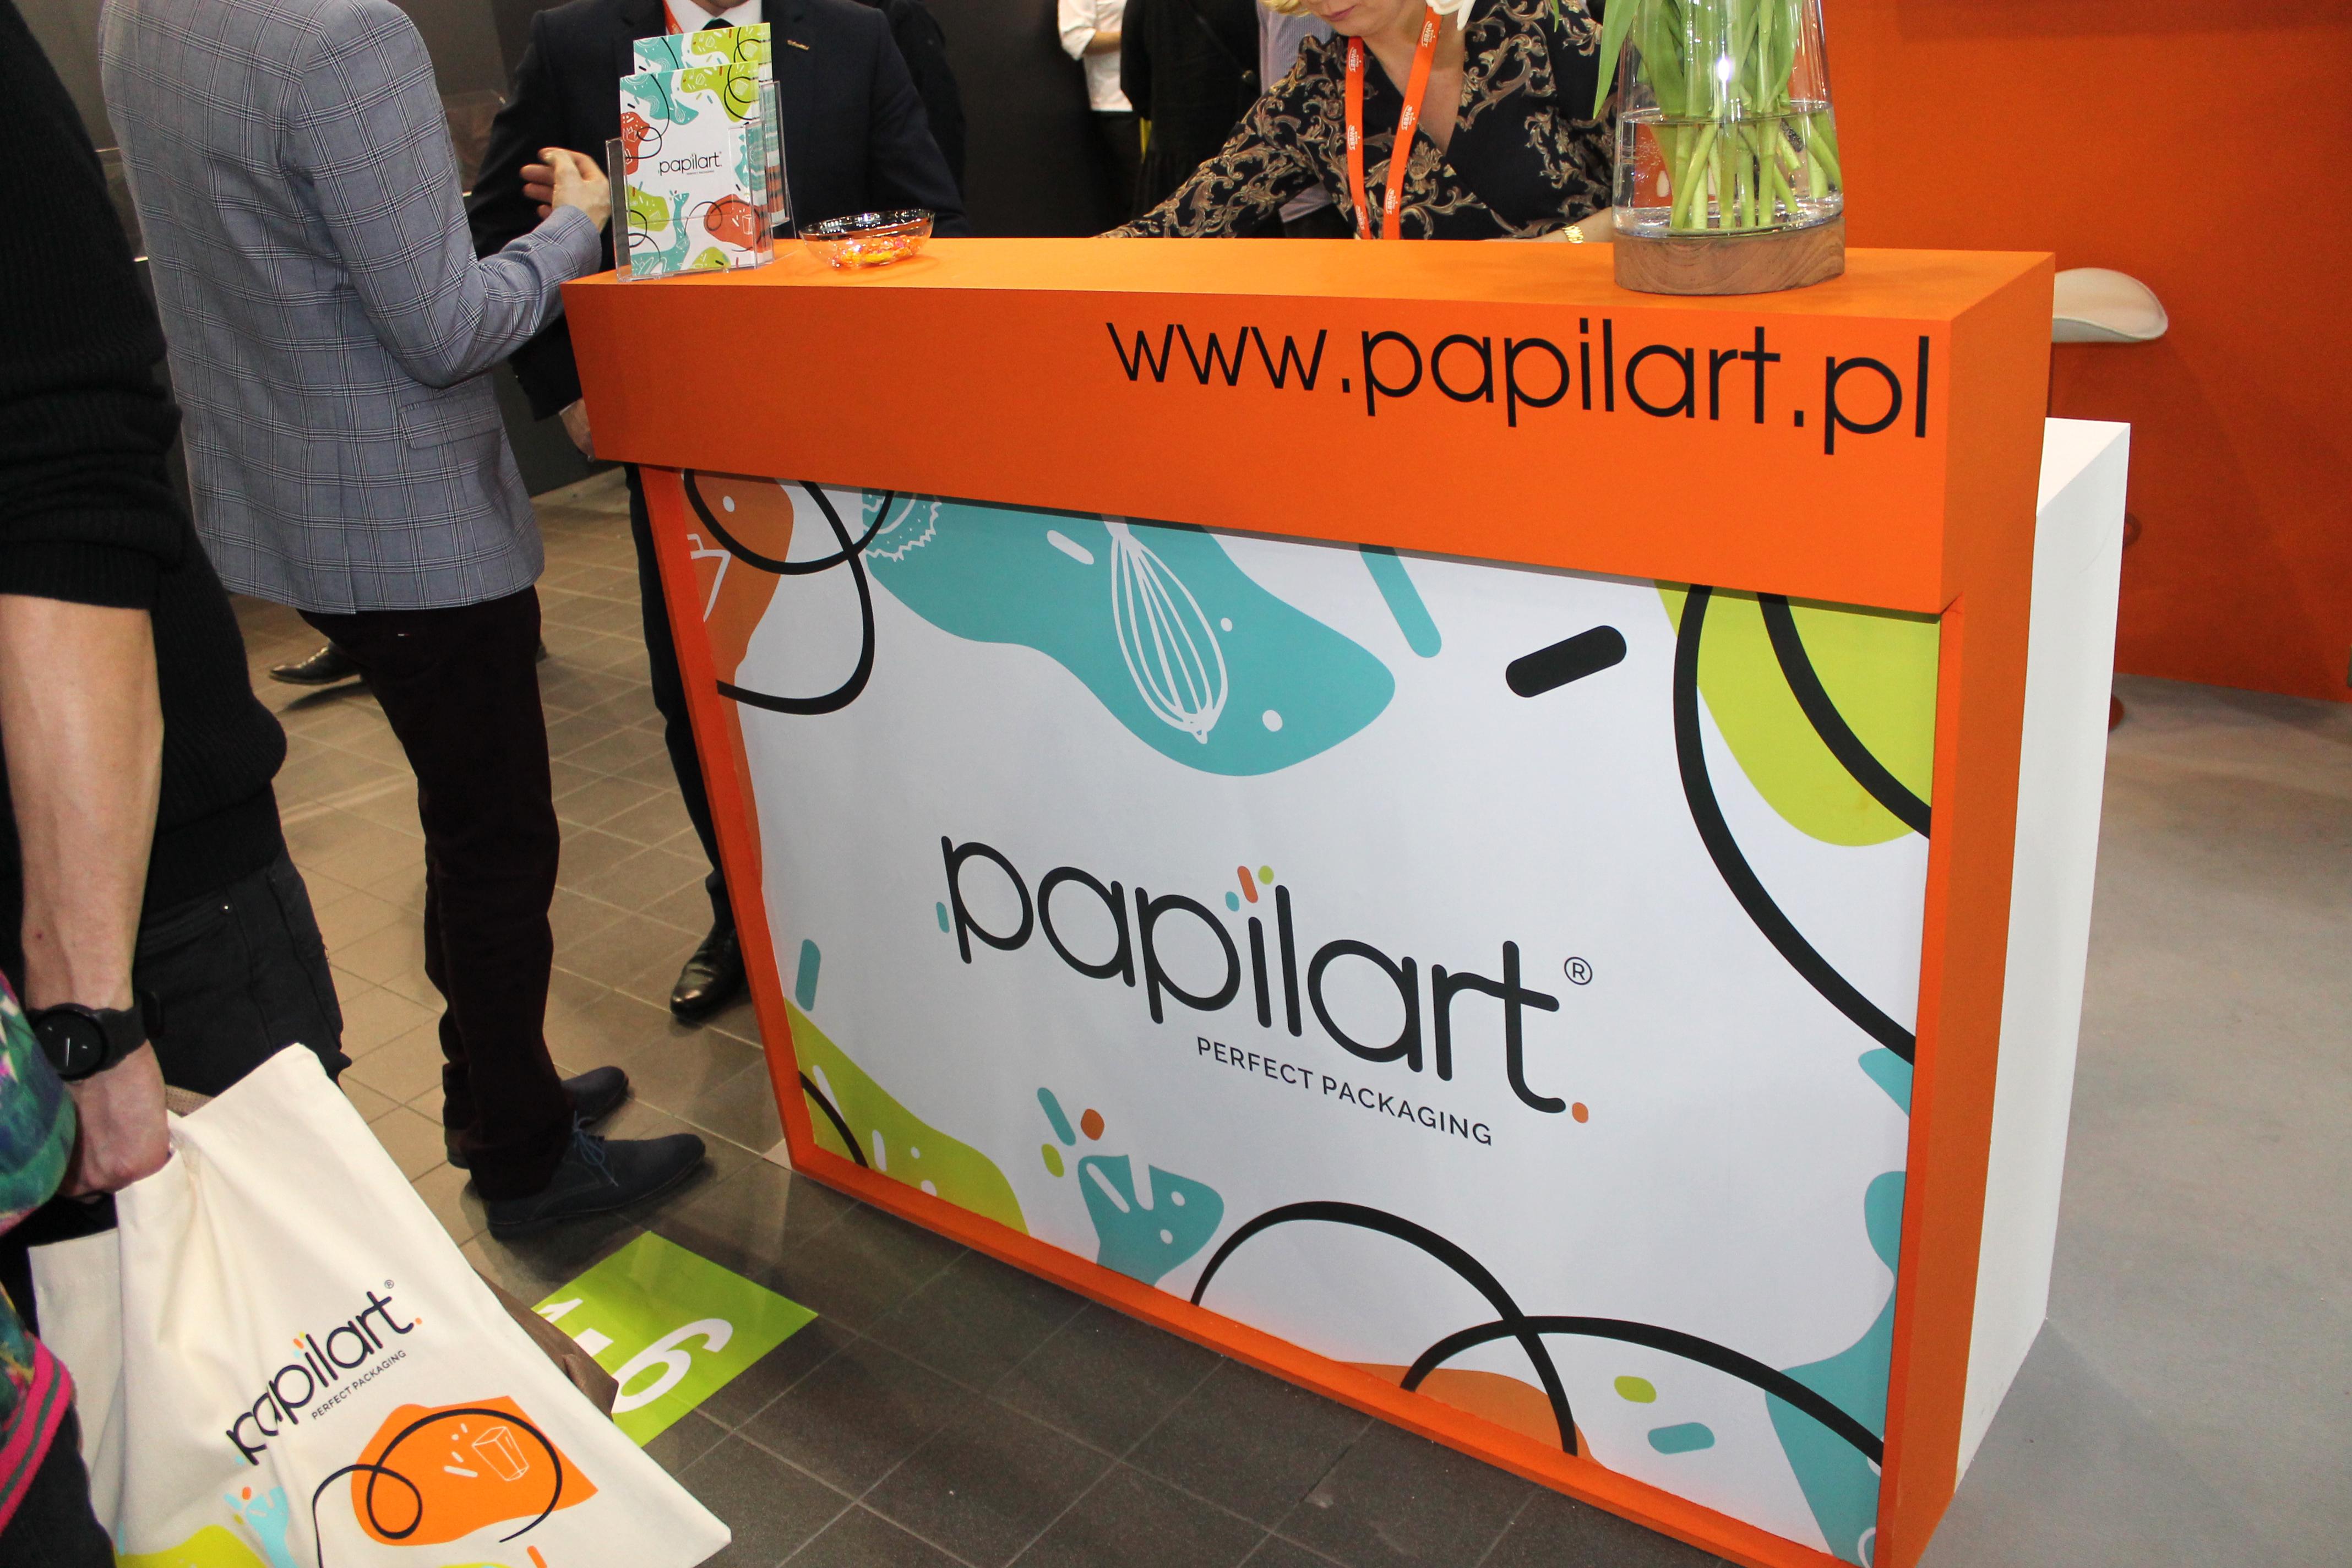 Papilart - rebranding 13